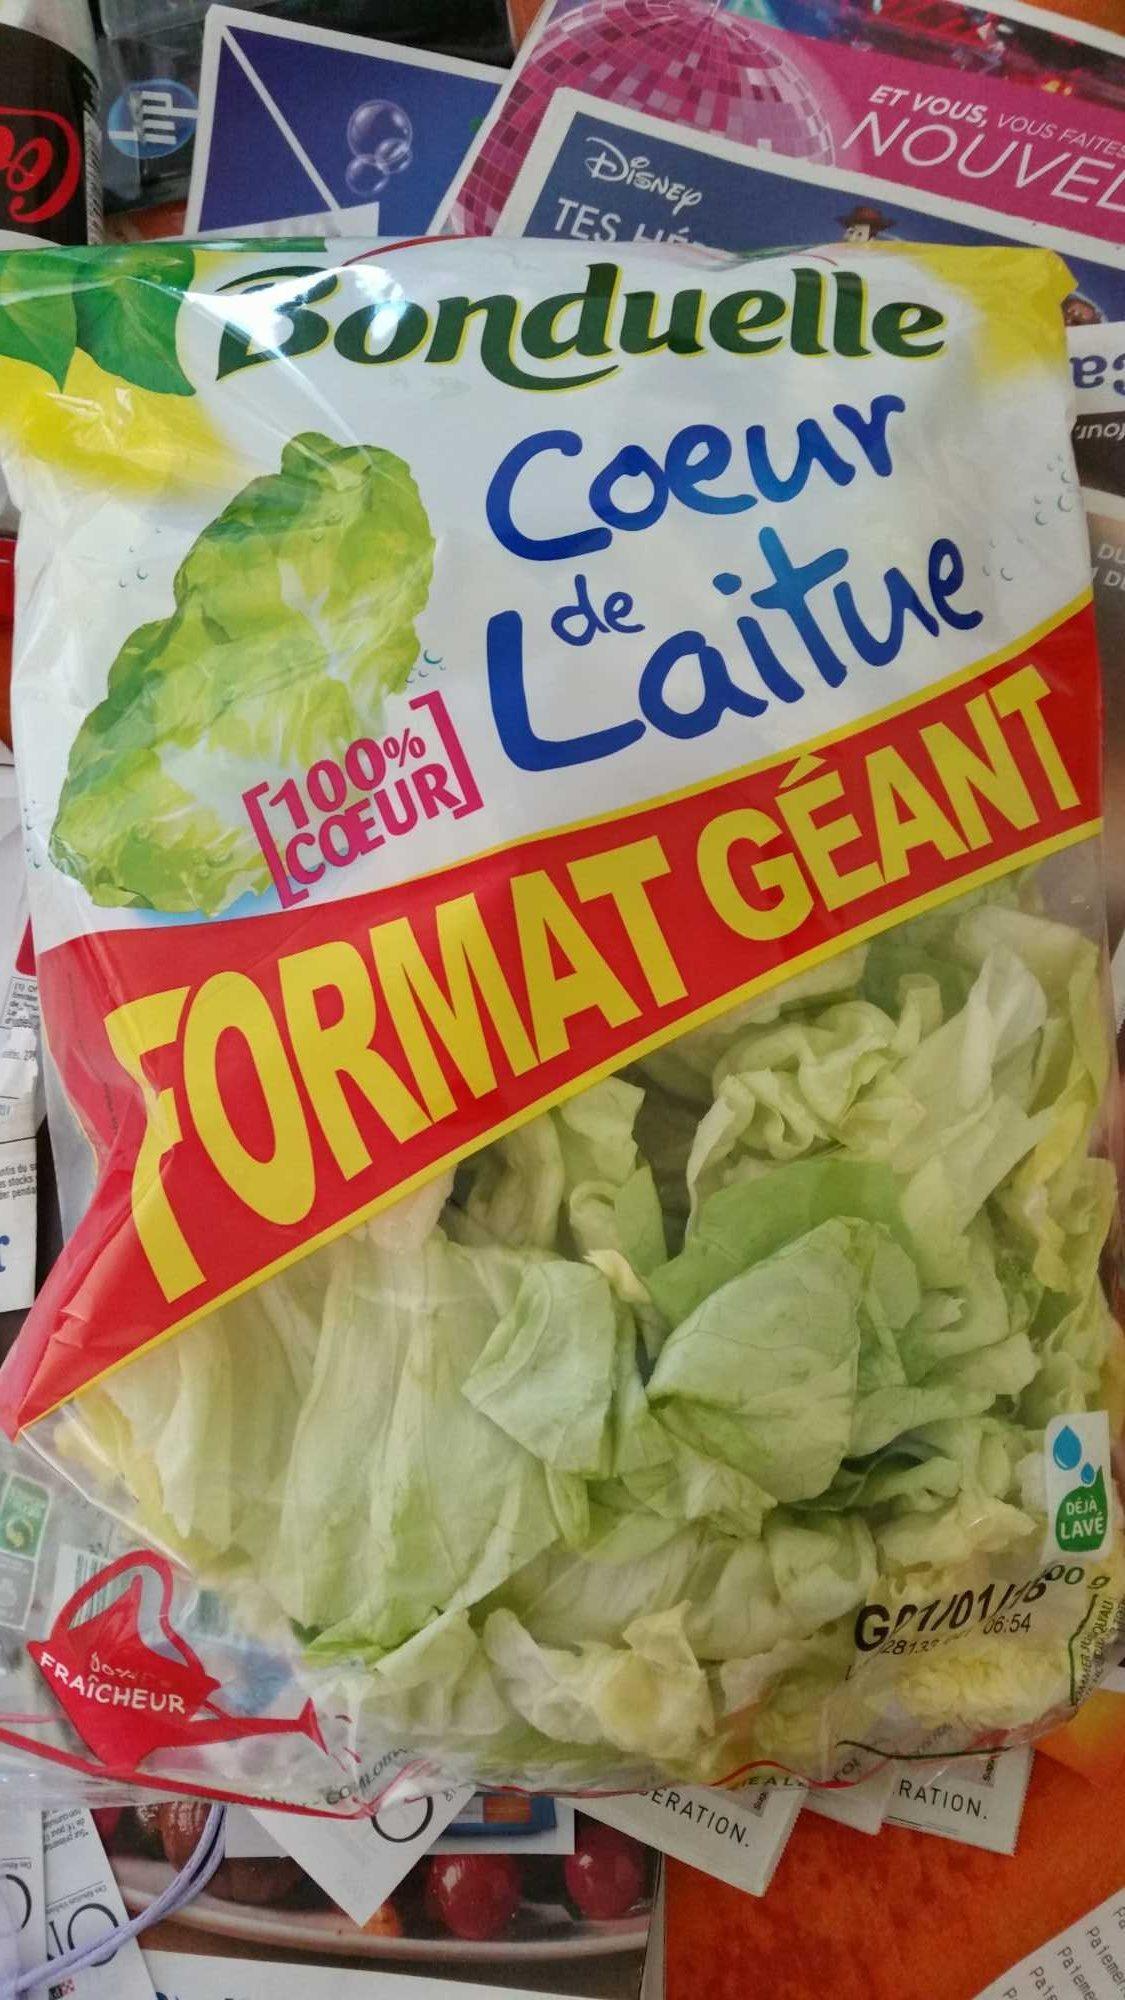 Coeur de laitue - Product - fr